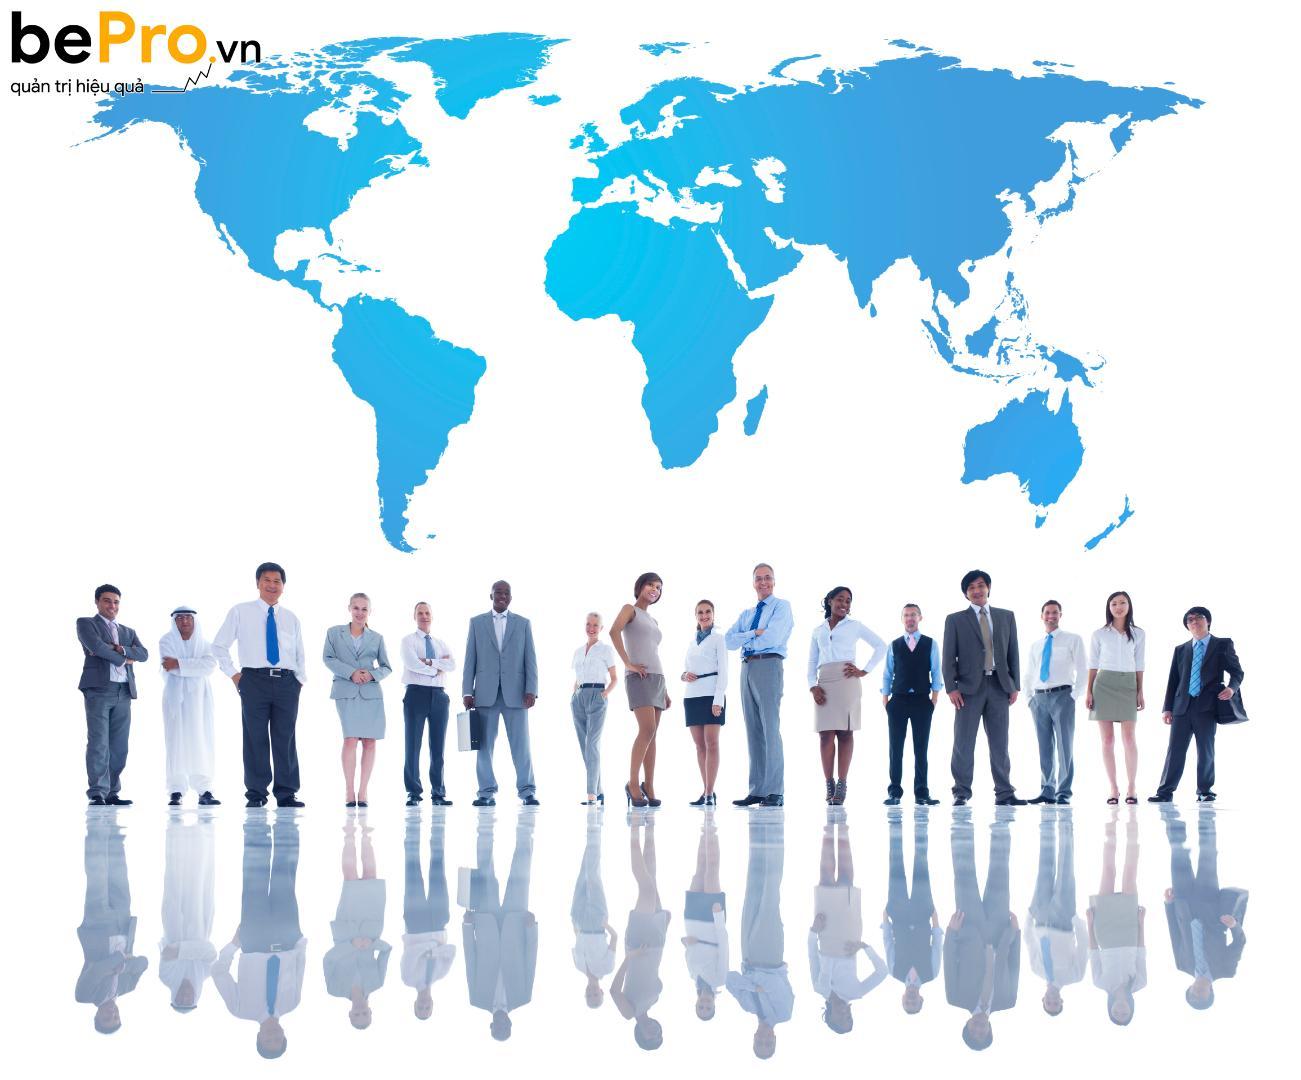 Doanh nghiệp 100 vốn nước ngoài - đặc điểm và điều kiện